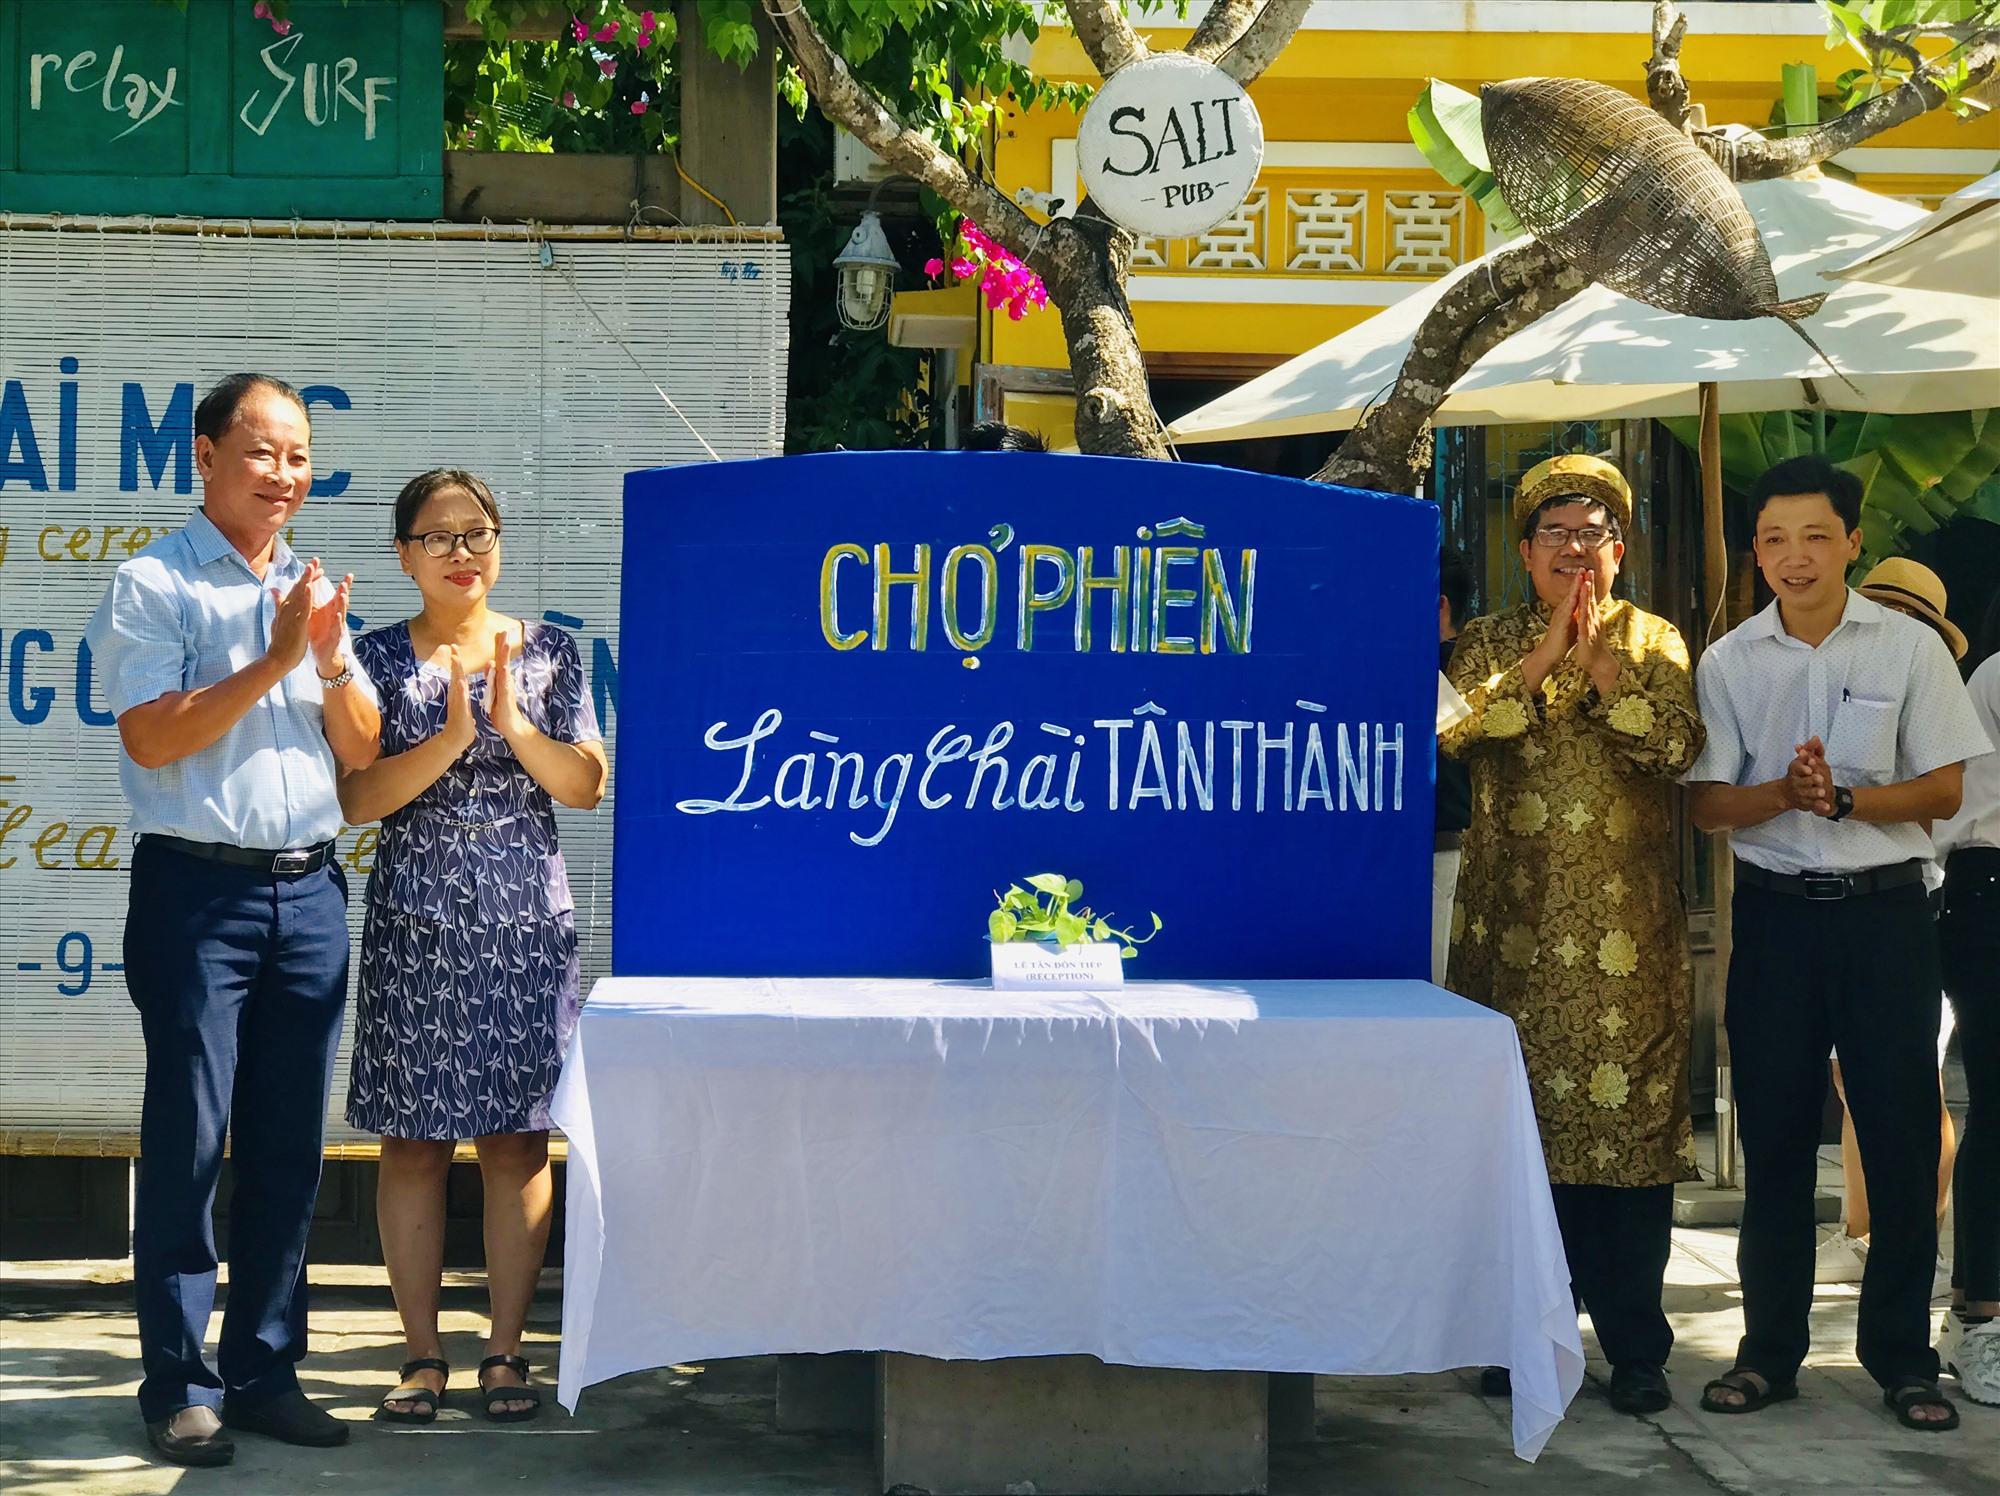 Quảng Nam: Độc đáo chợ phiên làng chài